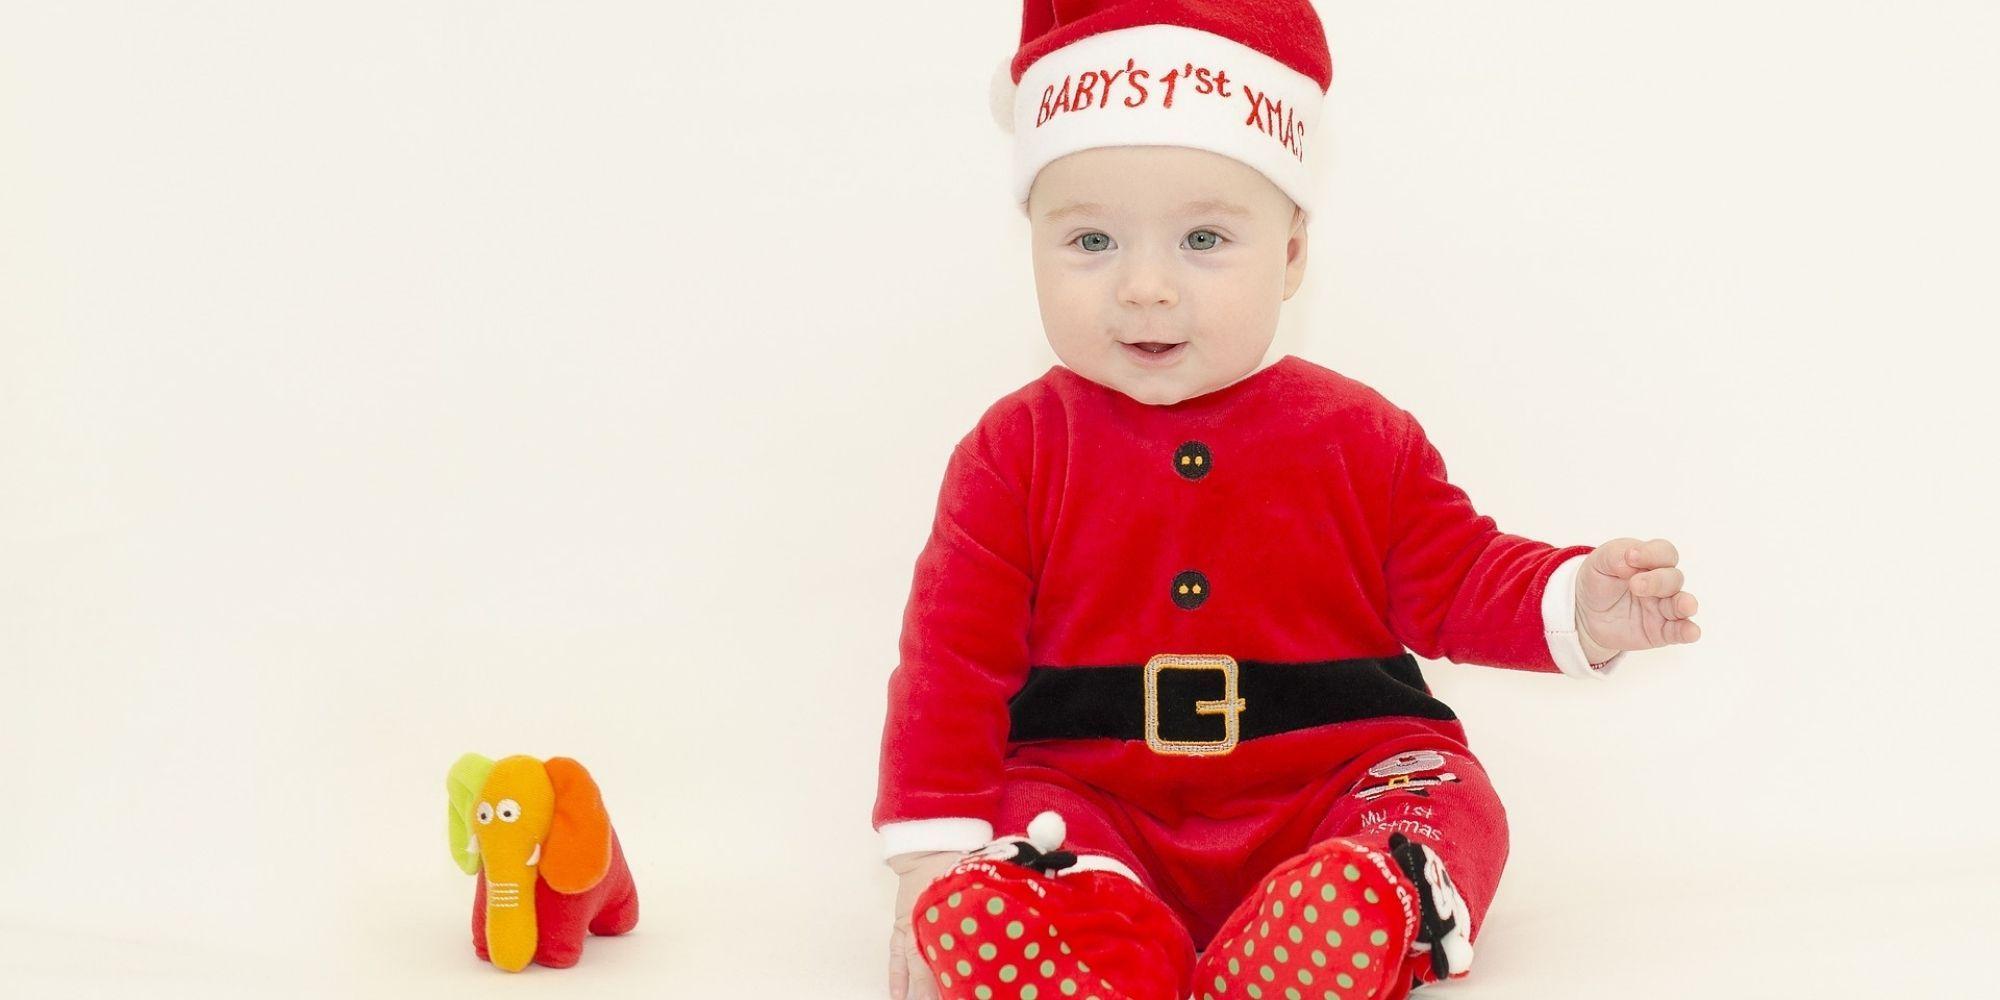 Noël : Cette année c'est le premier de votre petit angelot